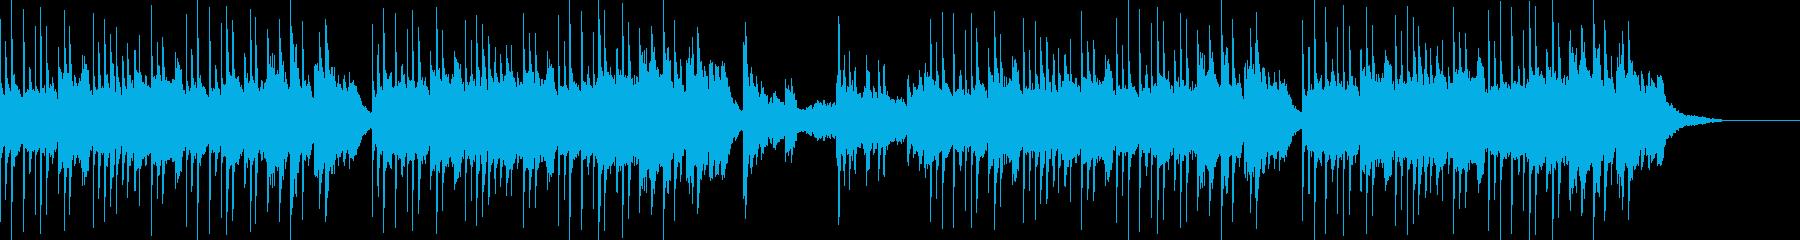 和風イメージ紹介用の再生済みの波形